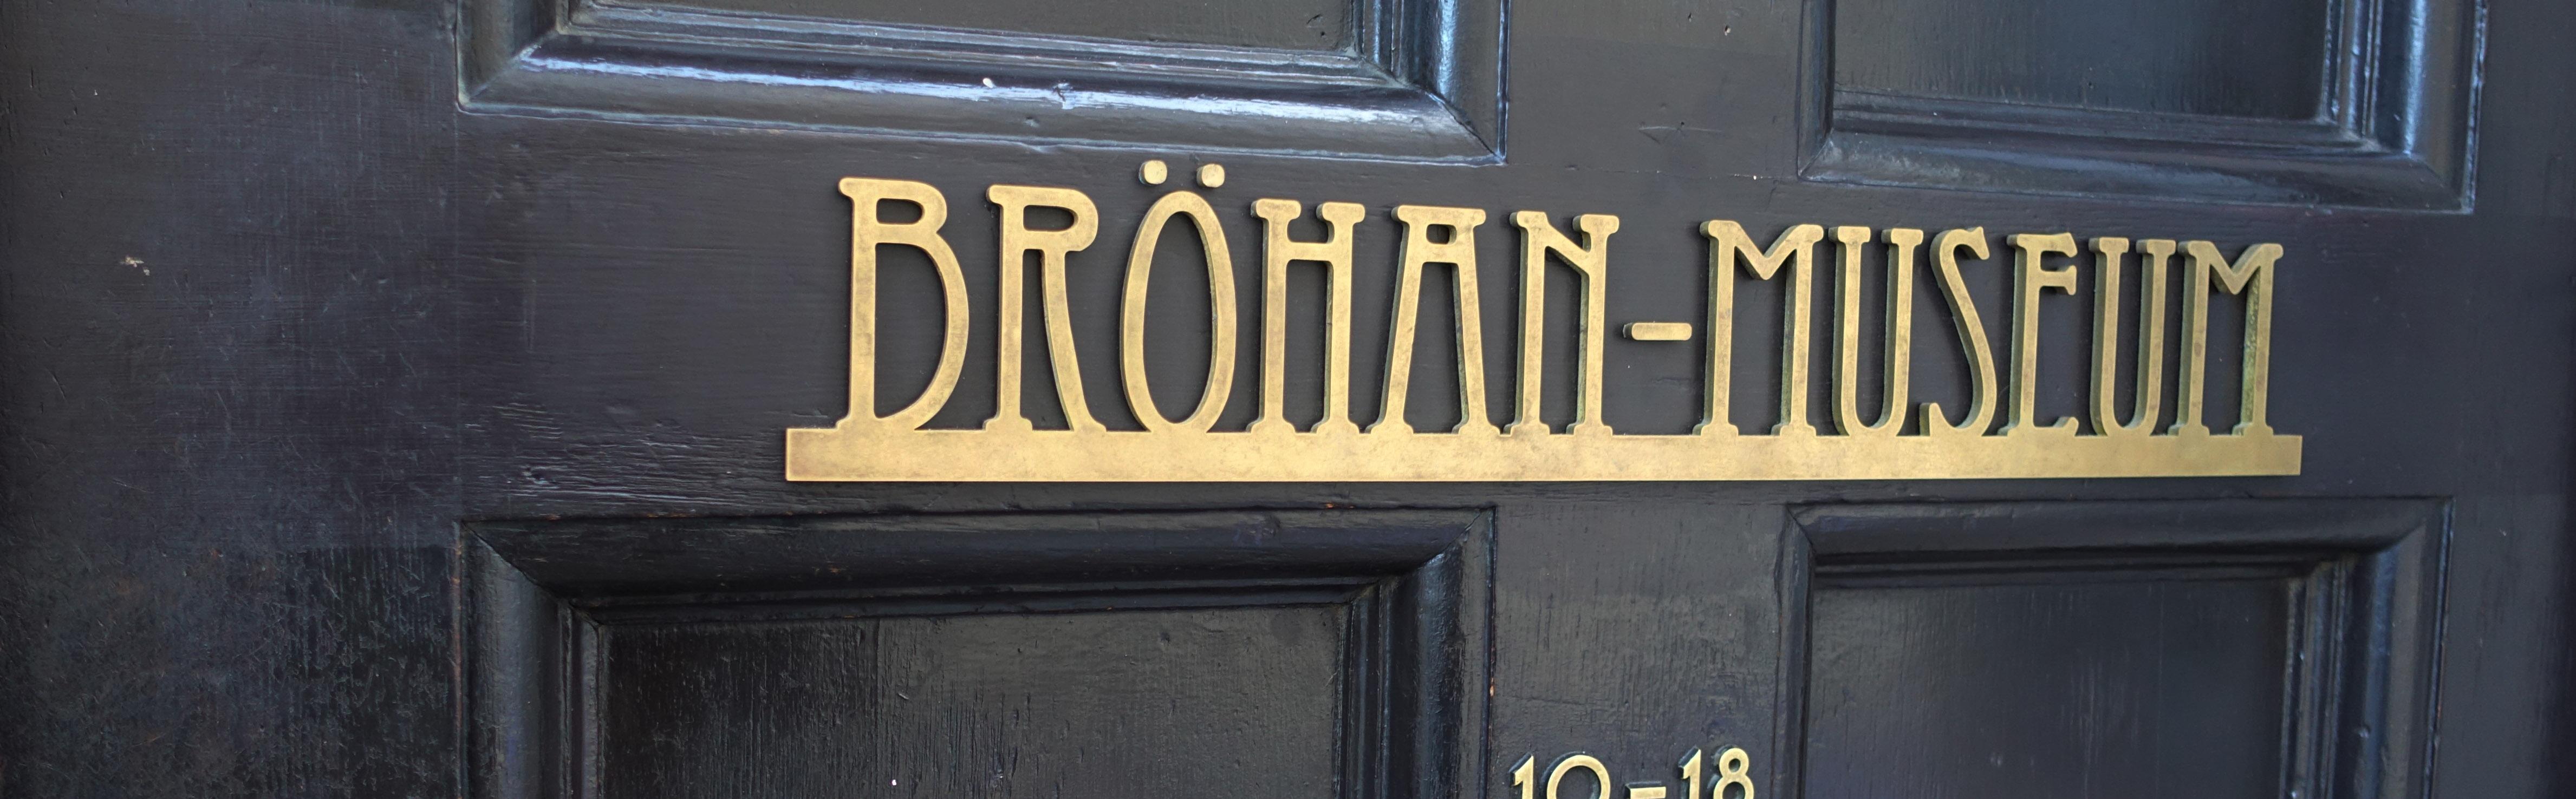 brohan_museum-dsc00630_banner